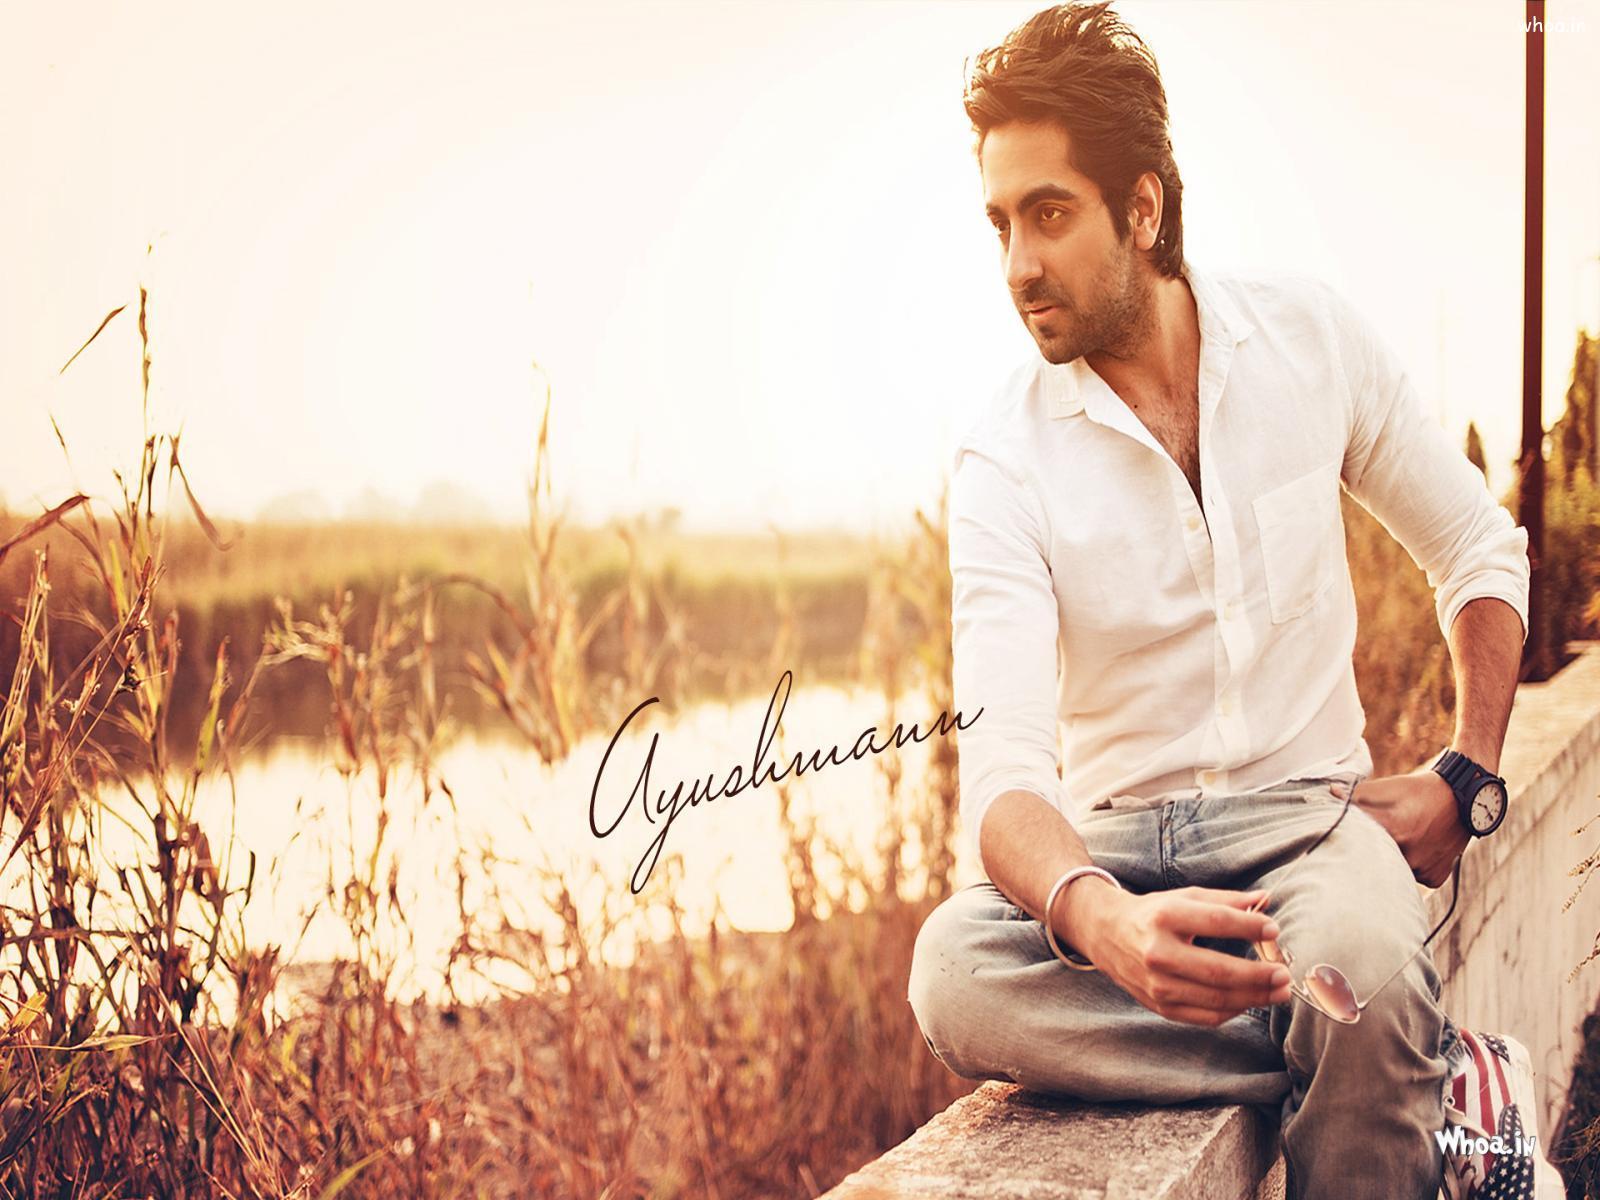 ayushman khurana new song